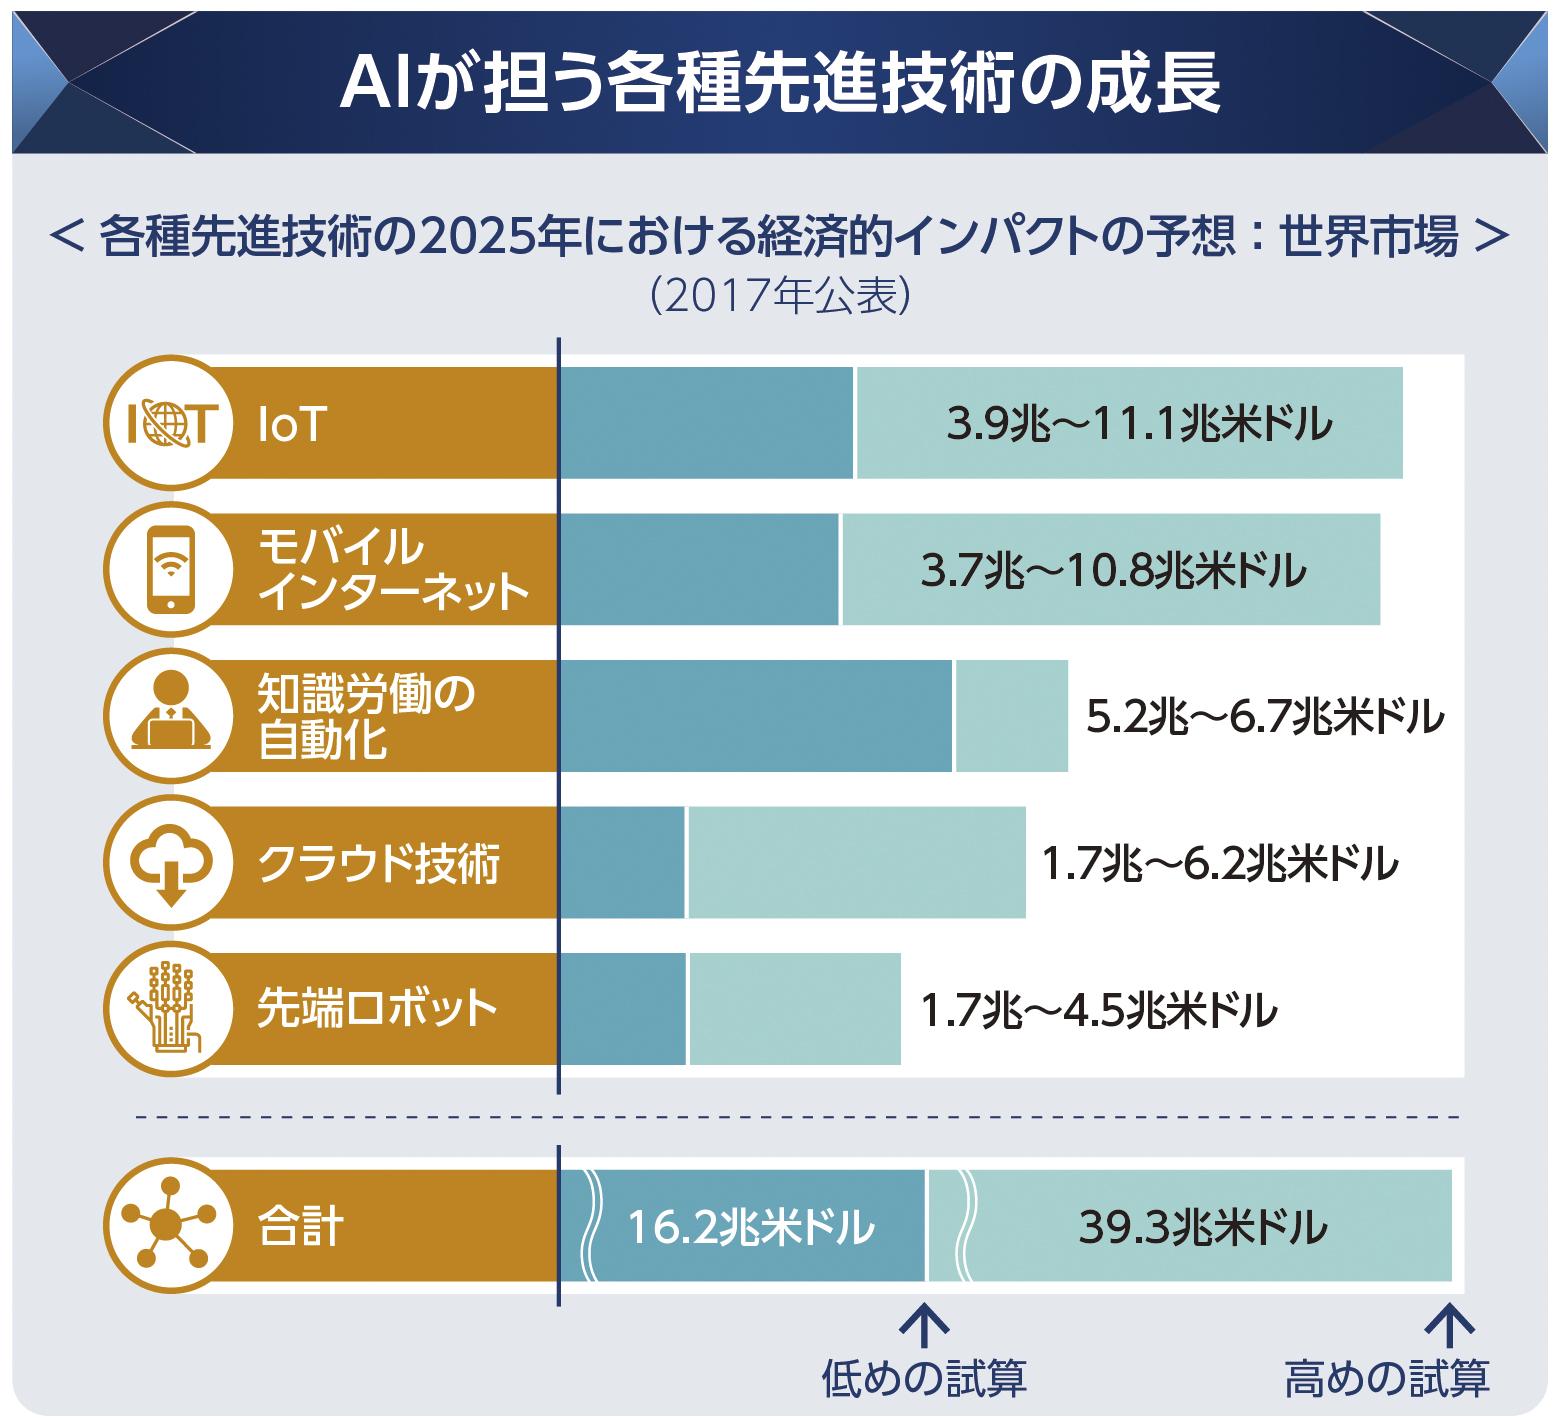 グラフ①「AIが担う各種先進技術の成長」.png